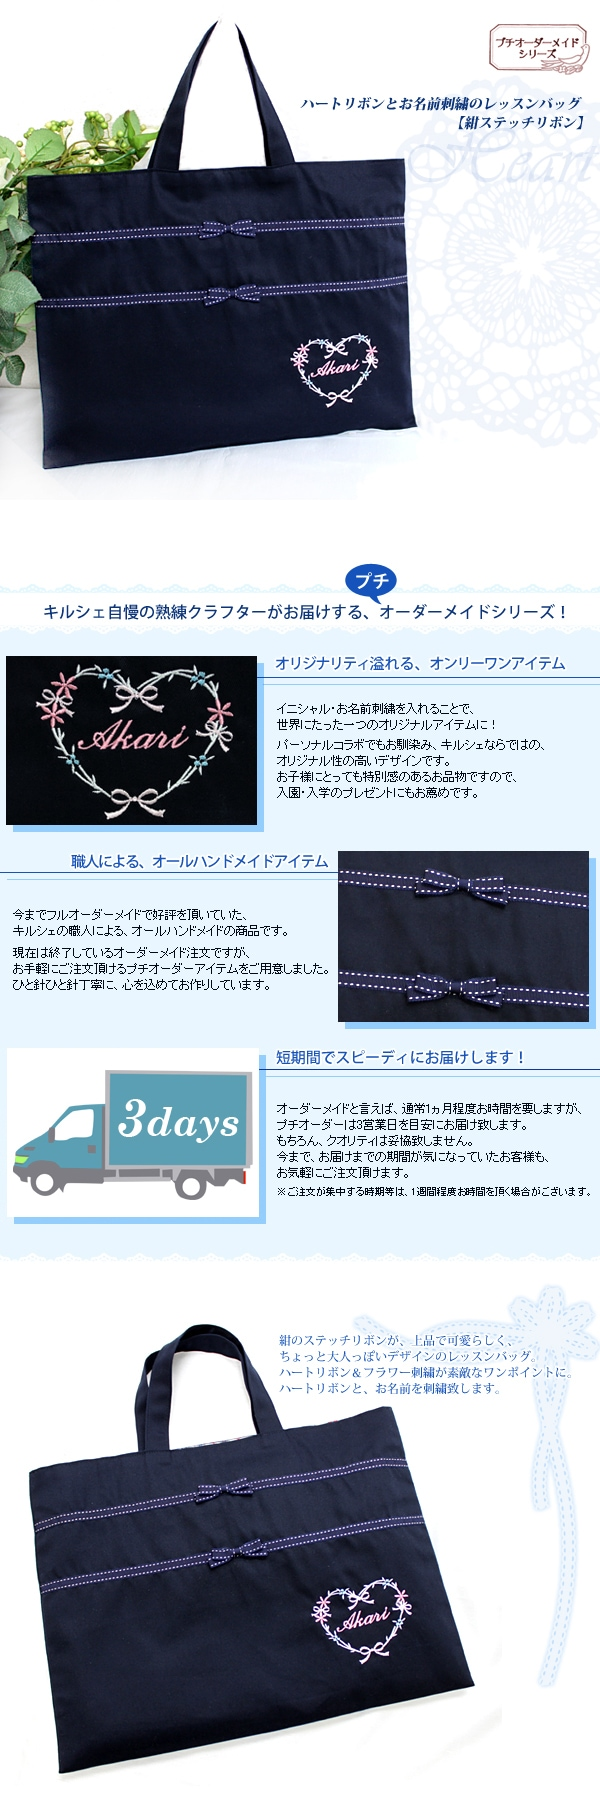 【プチオーダー】ハートリボンとお名前刺繍のレッスンバッグ【紺ステッチリボン】ORD-LSB-HEART